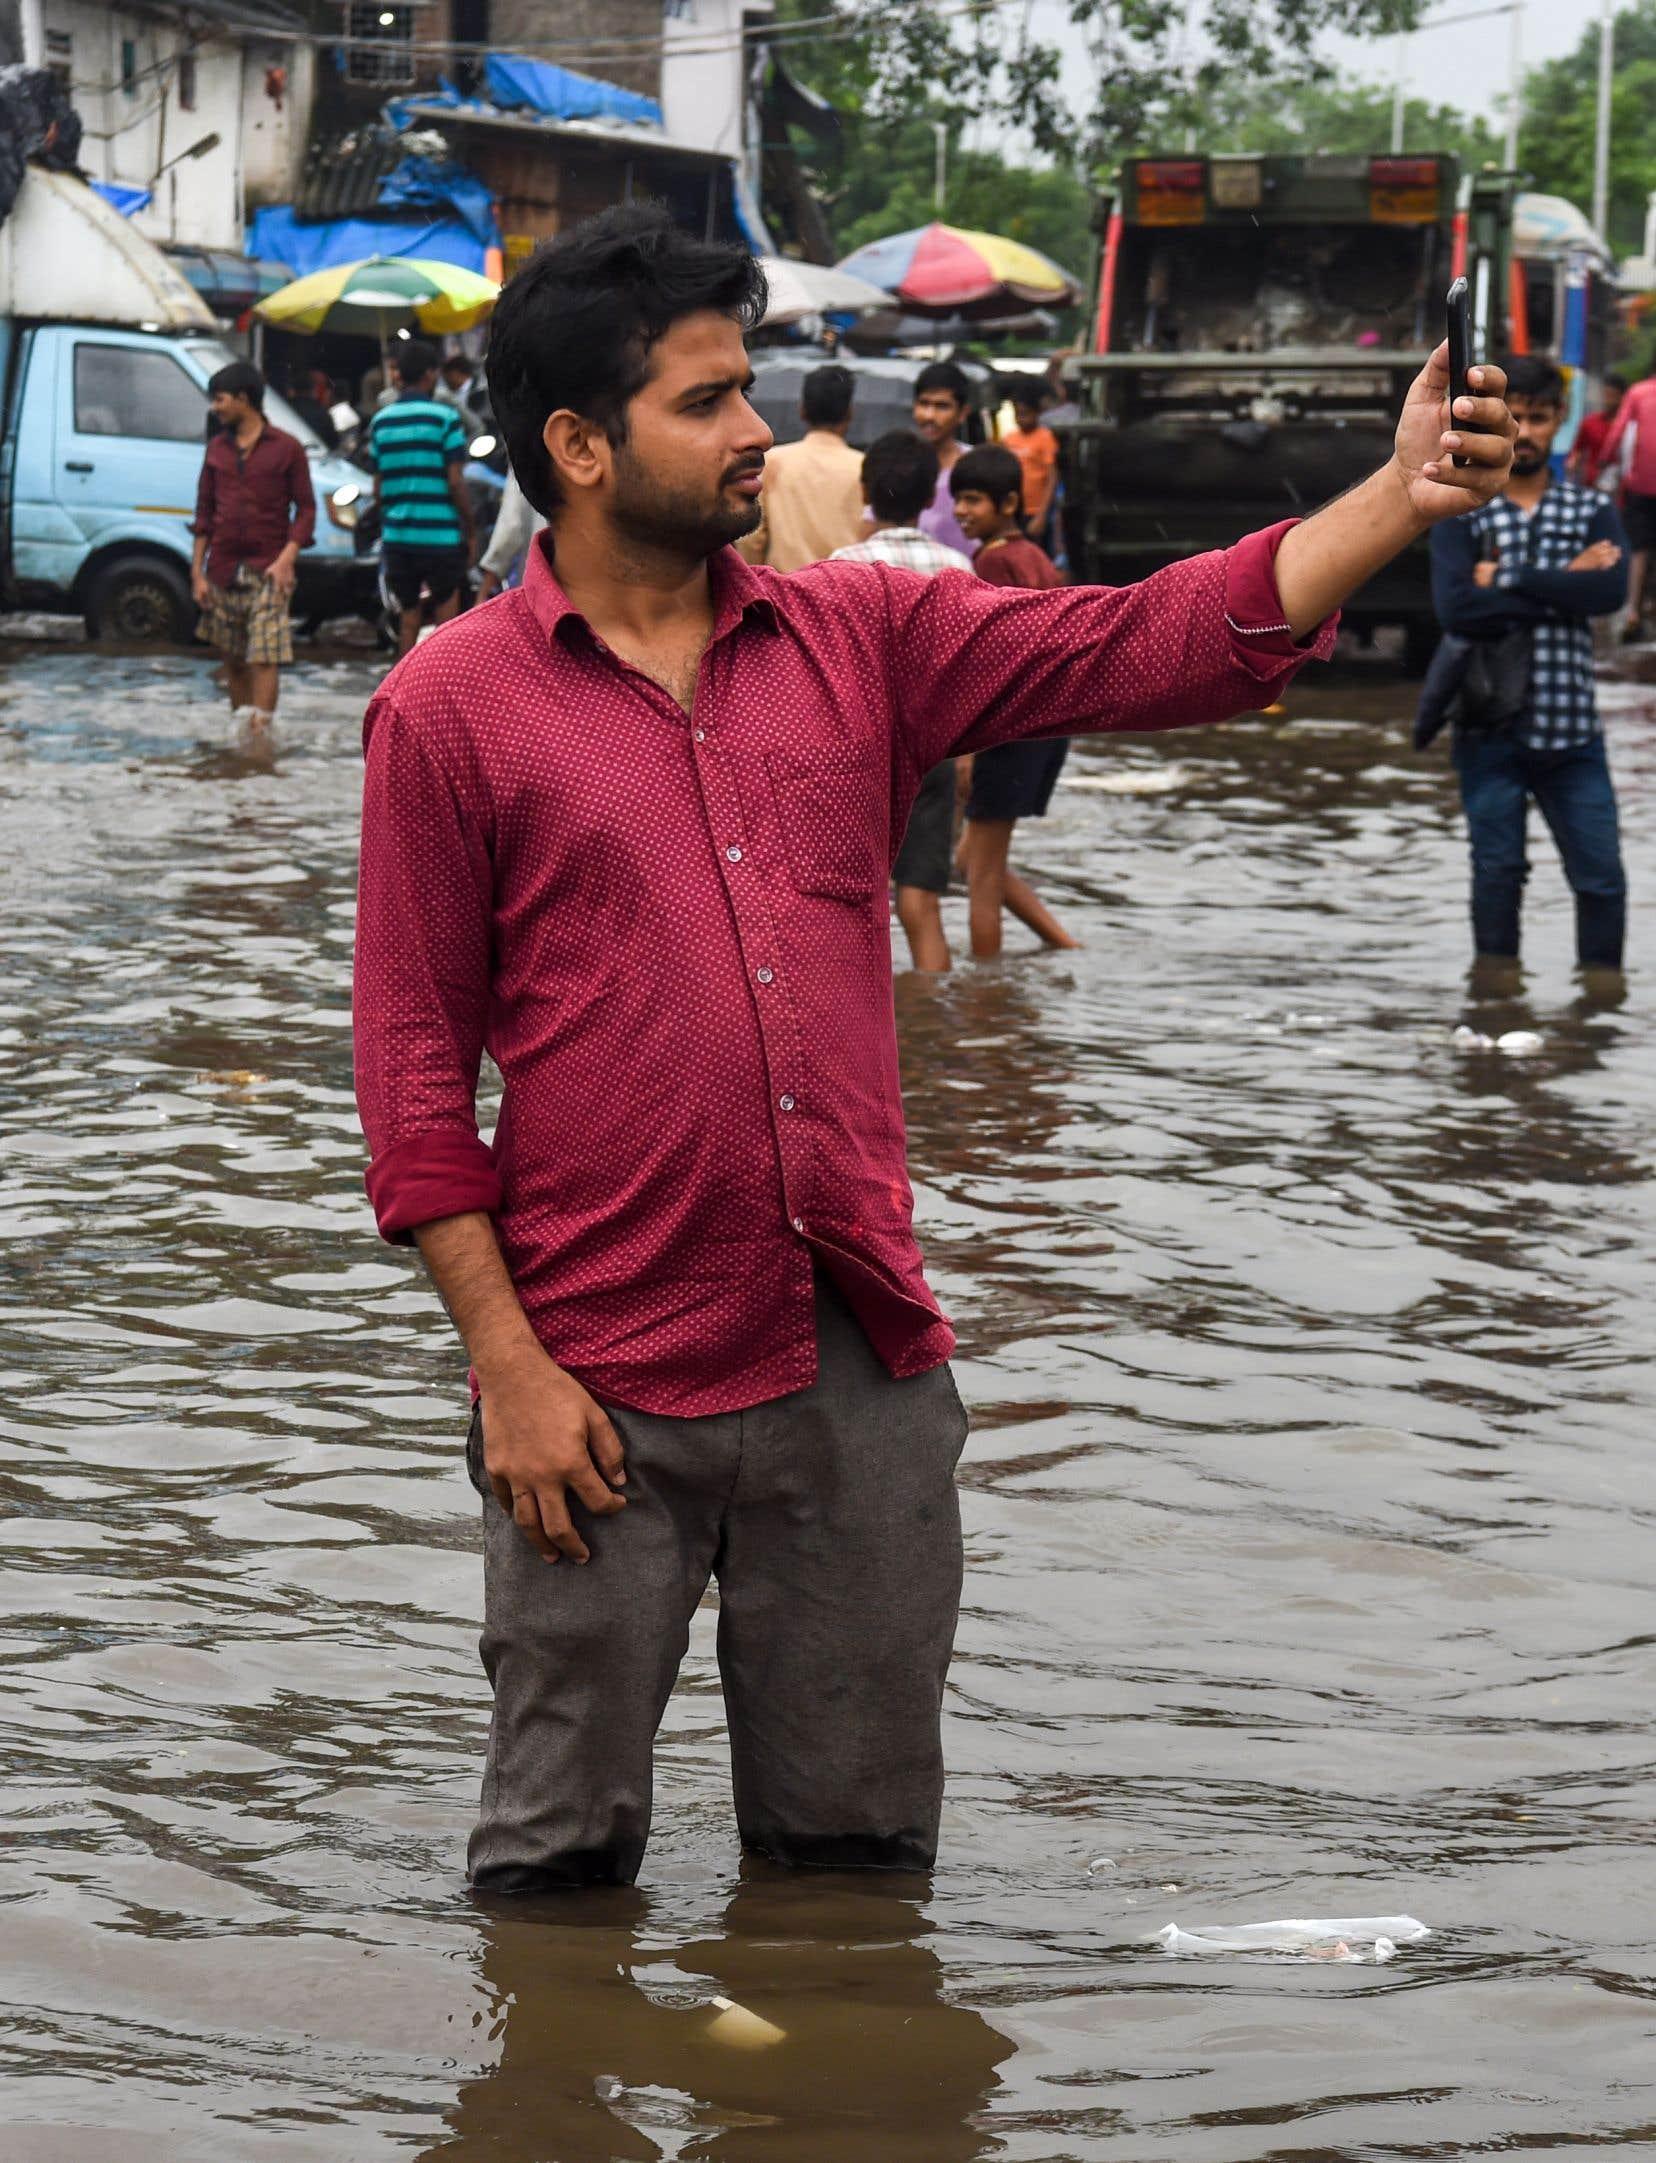 Un homme croque un égoportrait alors que les pluies de la mousson inondent les rues de Mumbai, en août dernier.